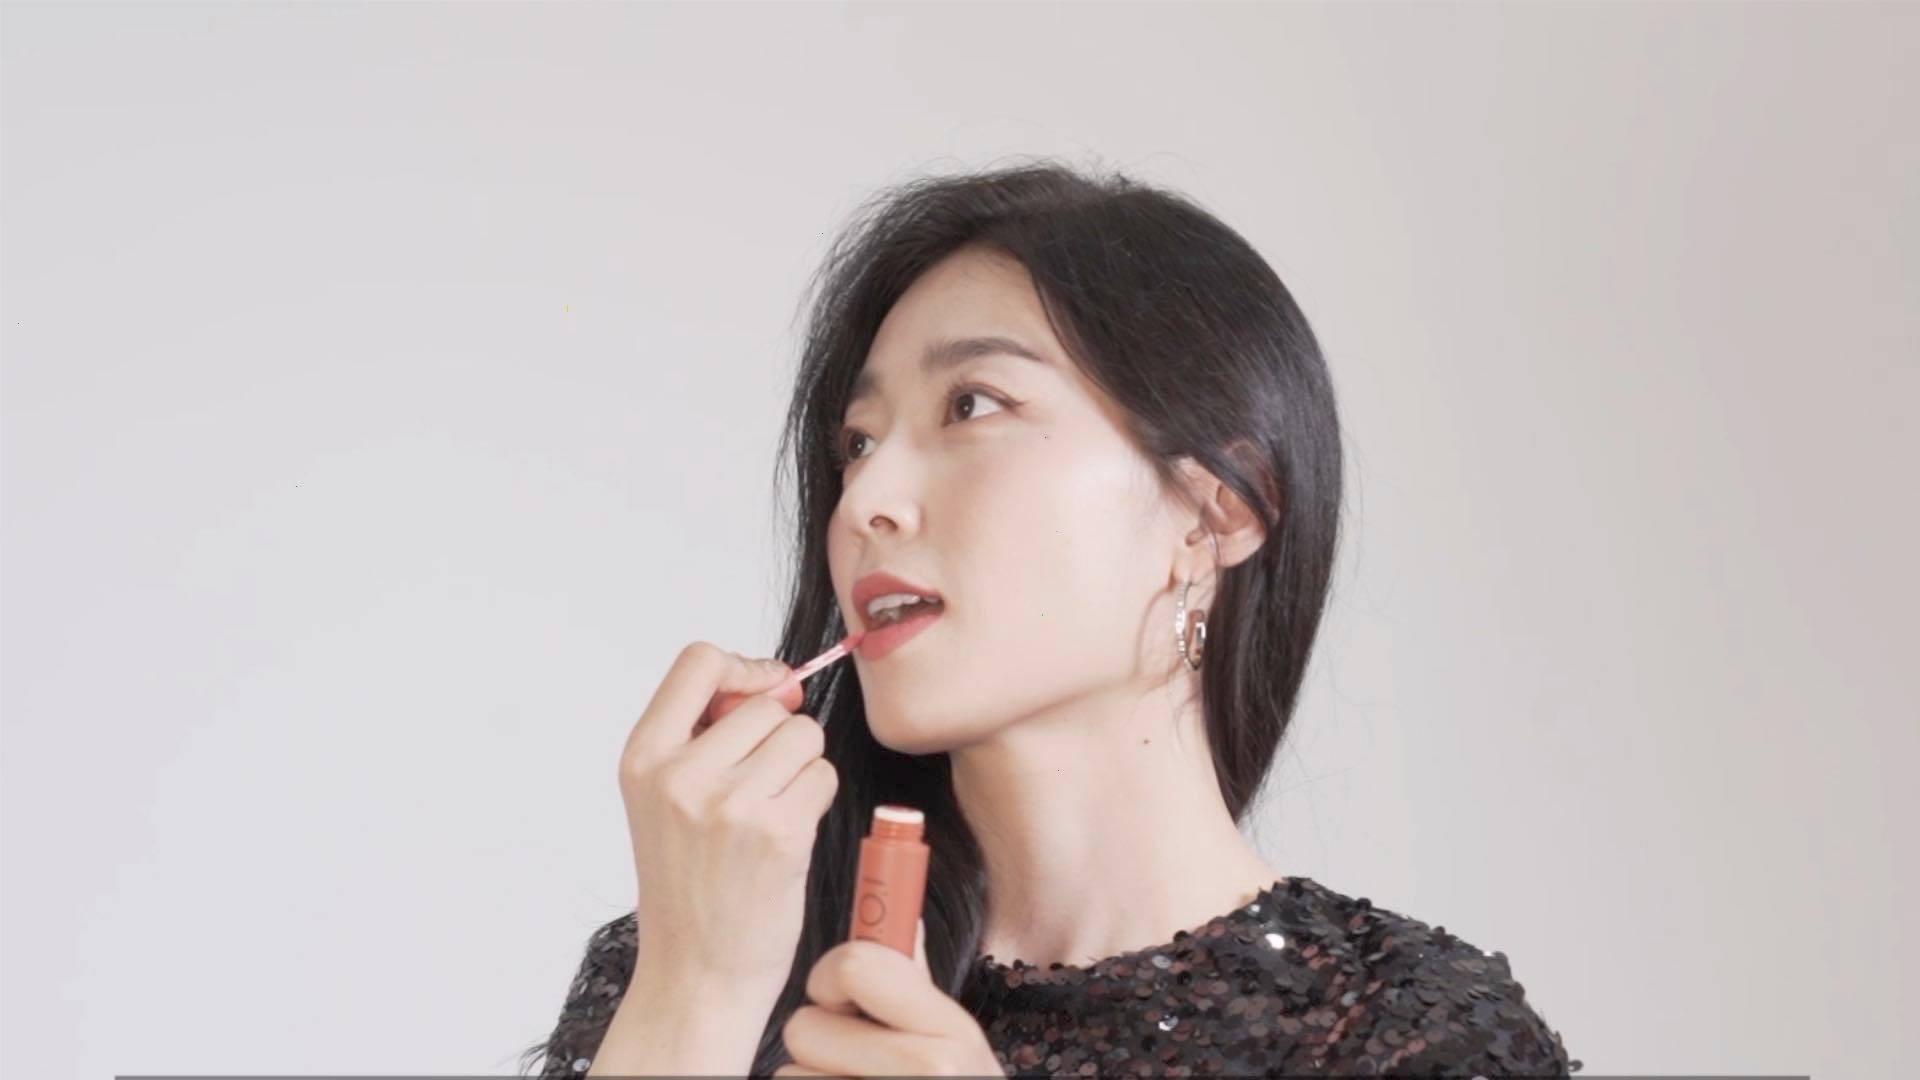 Son của Hương Giang có gì xuất sắc mà chinh phục luôn cả Hoa hậu Hàn Quốc? - Ảnh 6.